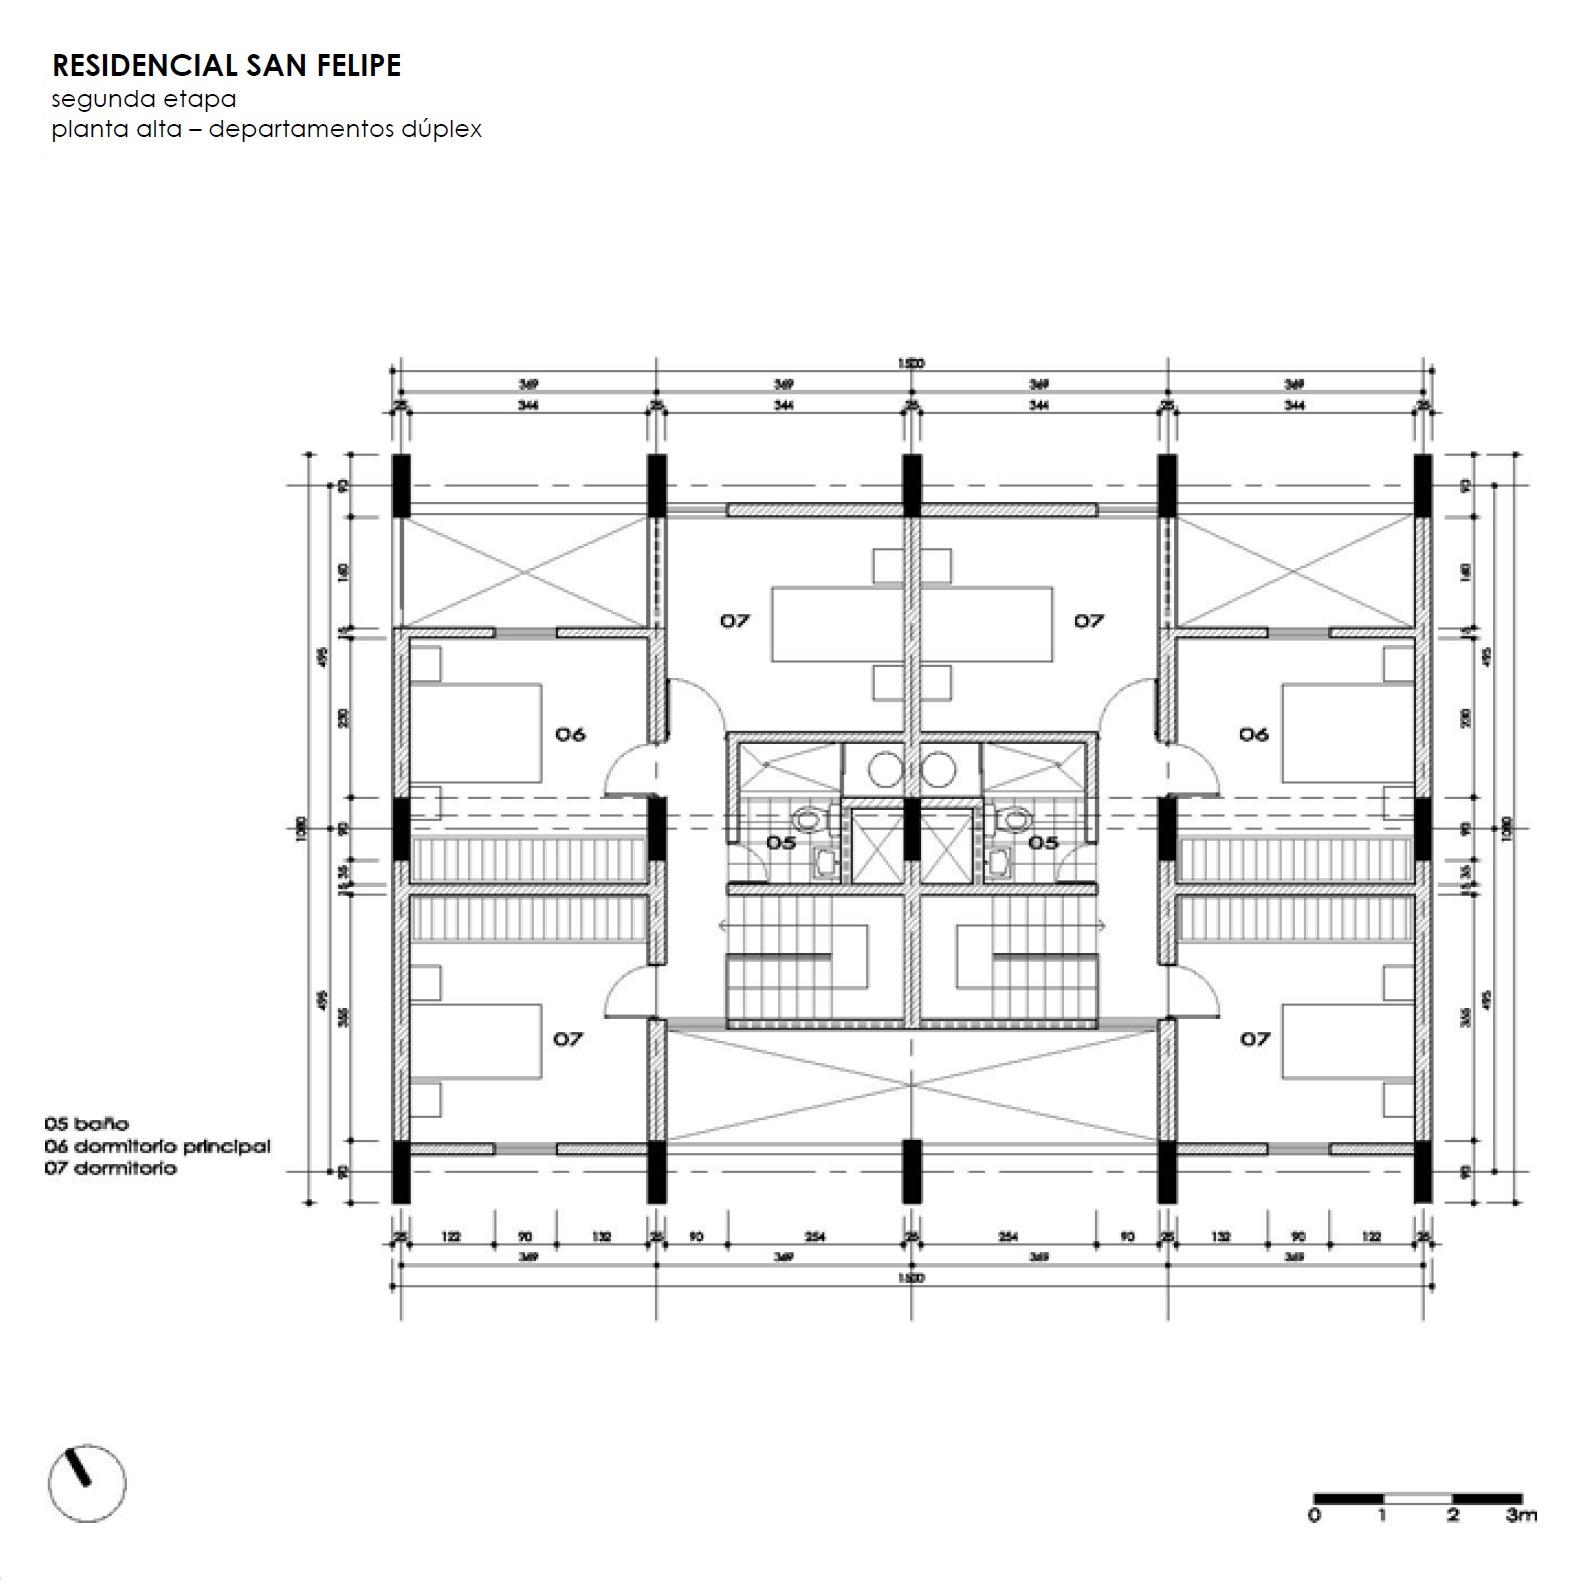 Galeria Arquitectonica: Galería De Clásicos De Arquitectura: Residencial San